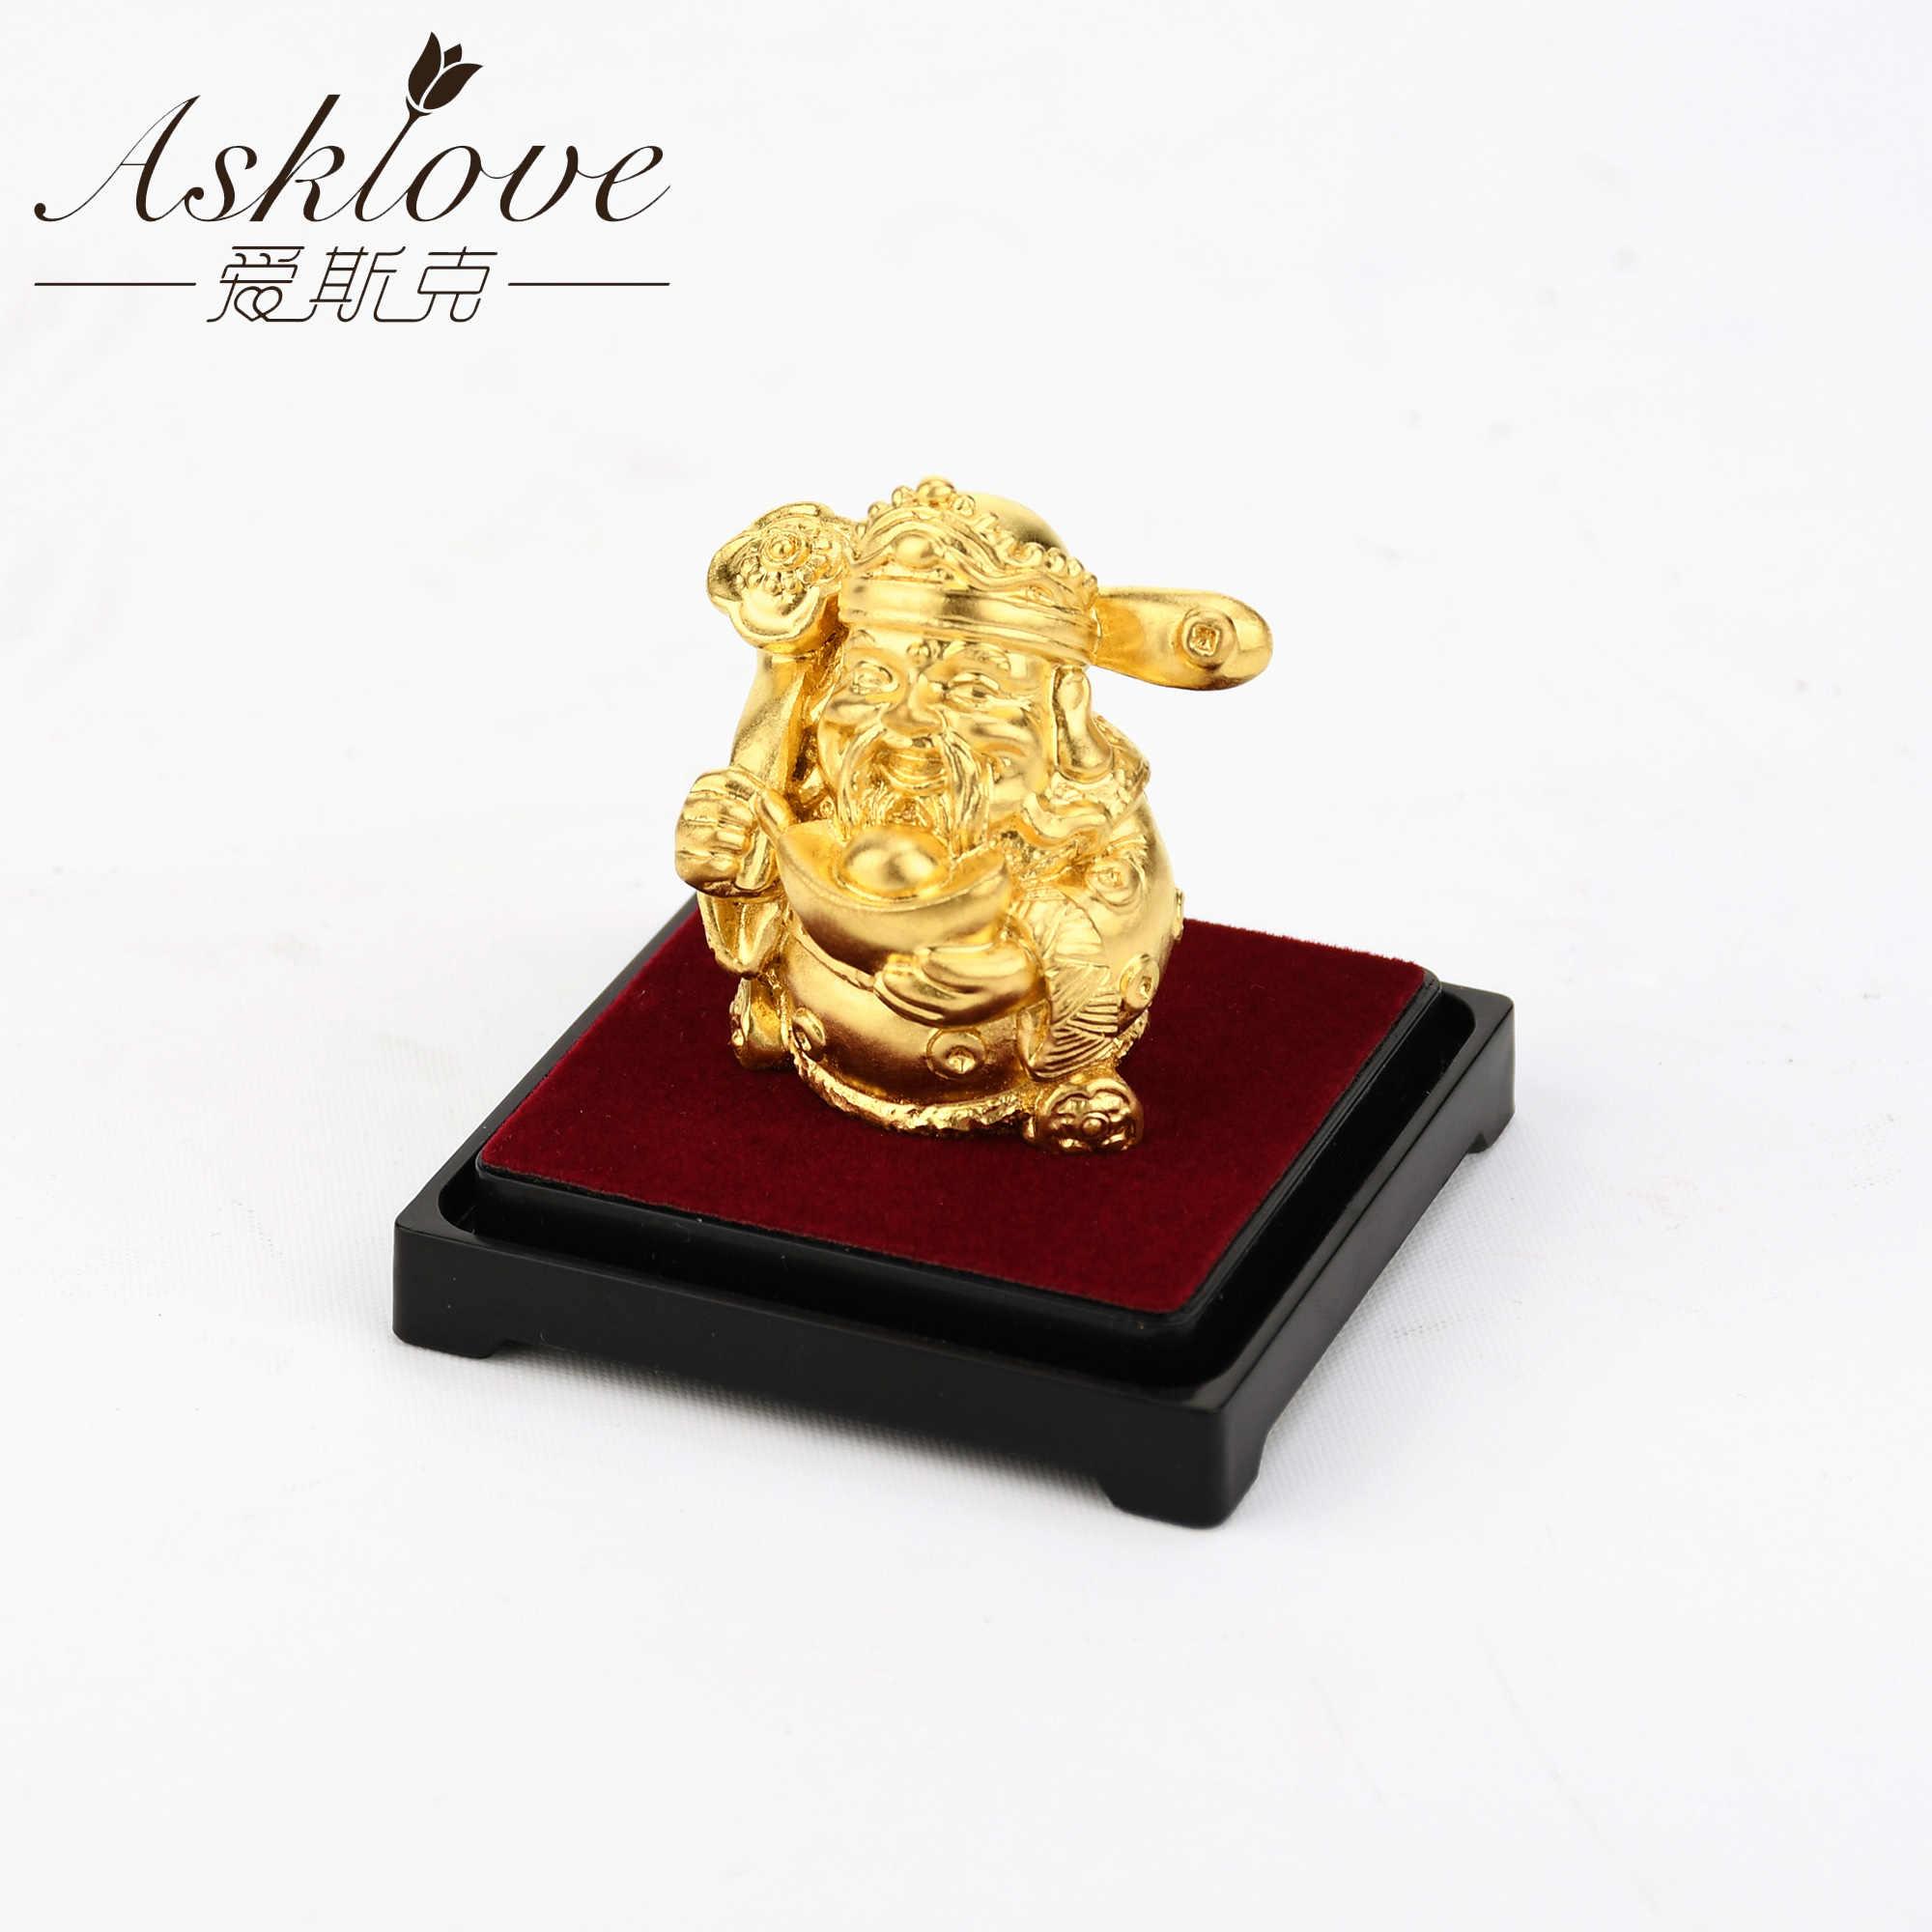 De God Van Rijkdom Feng Shui Decor 24K Goud Folie Standbeeld Rijkdom God Kantoor Ornament Ambachten Verzamelen Rijkdom Thuis kantoor Decoratie